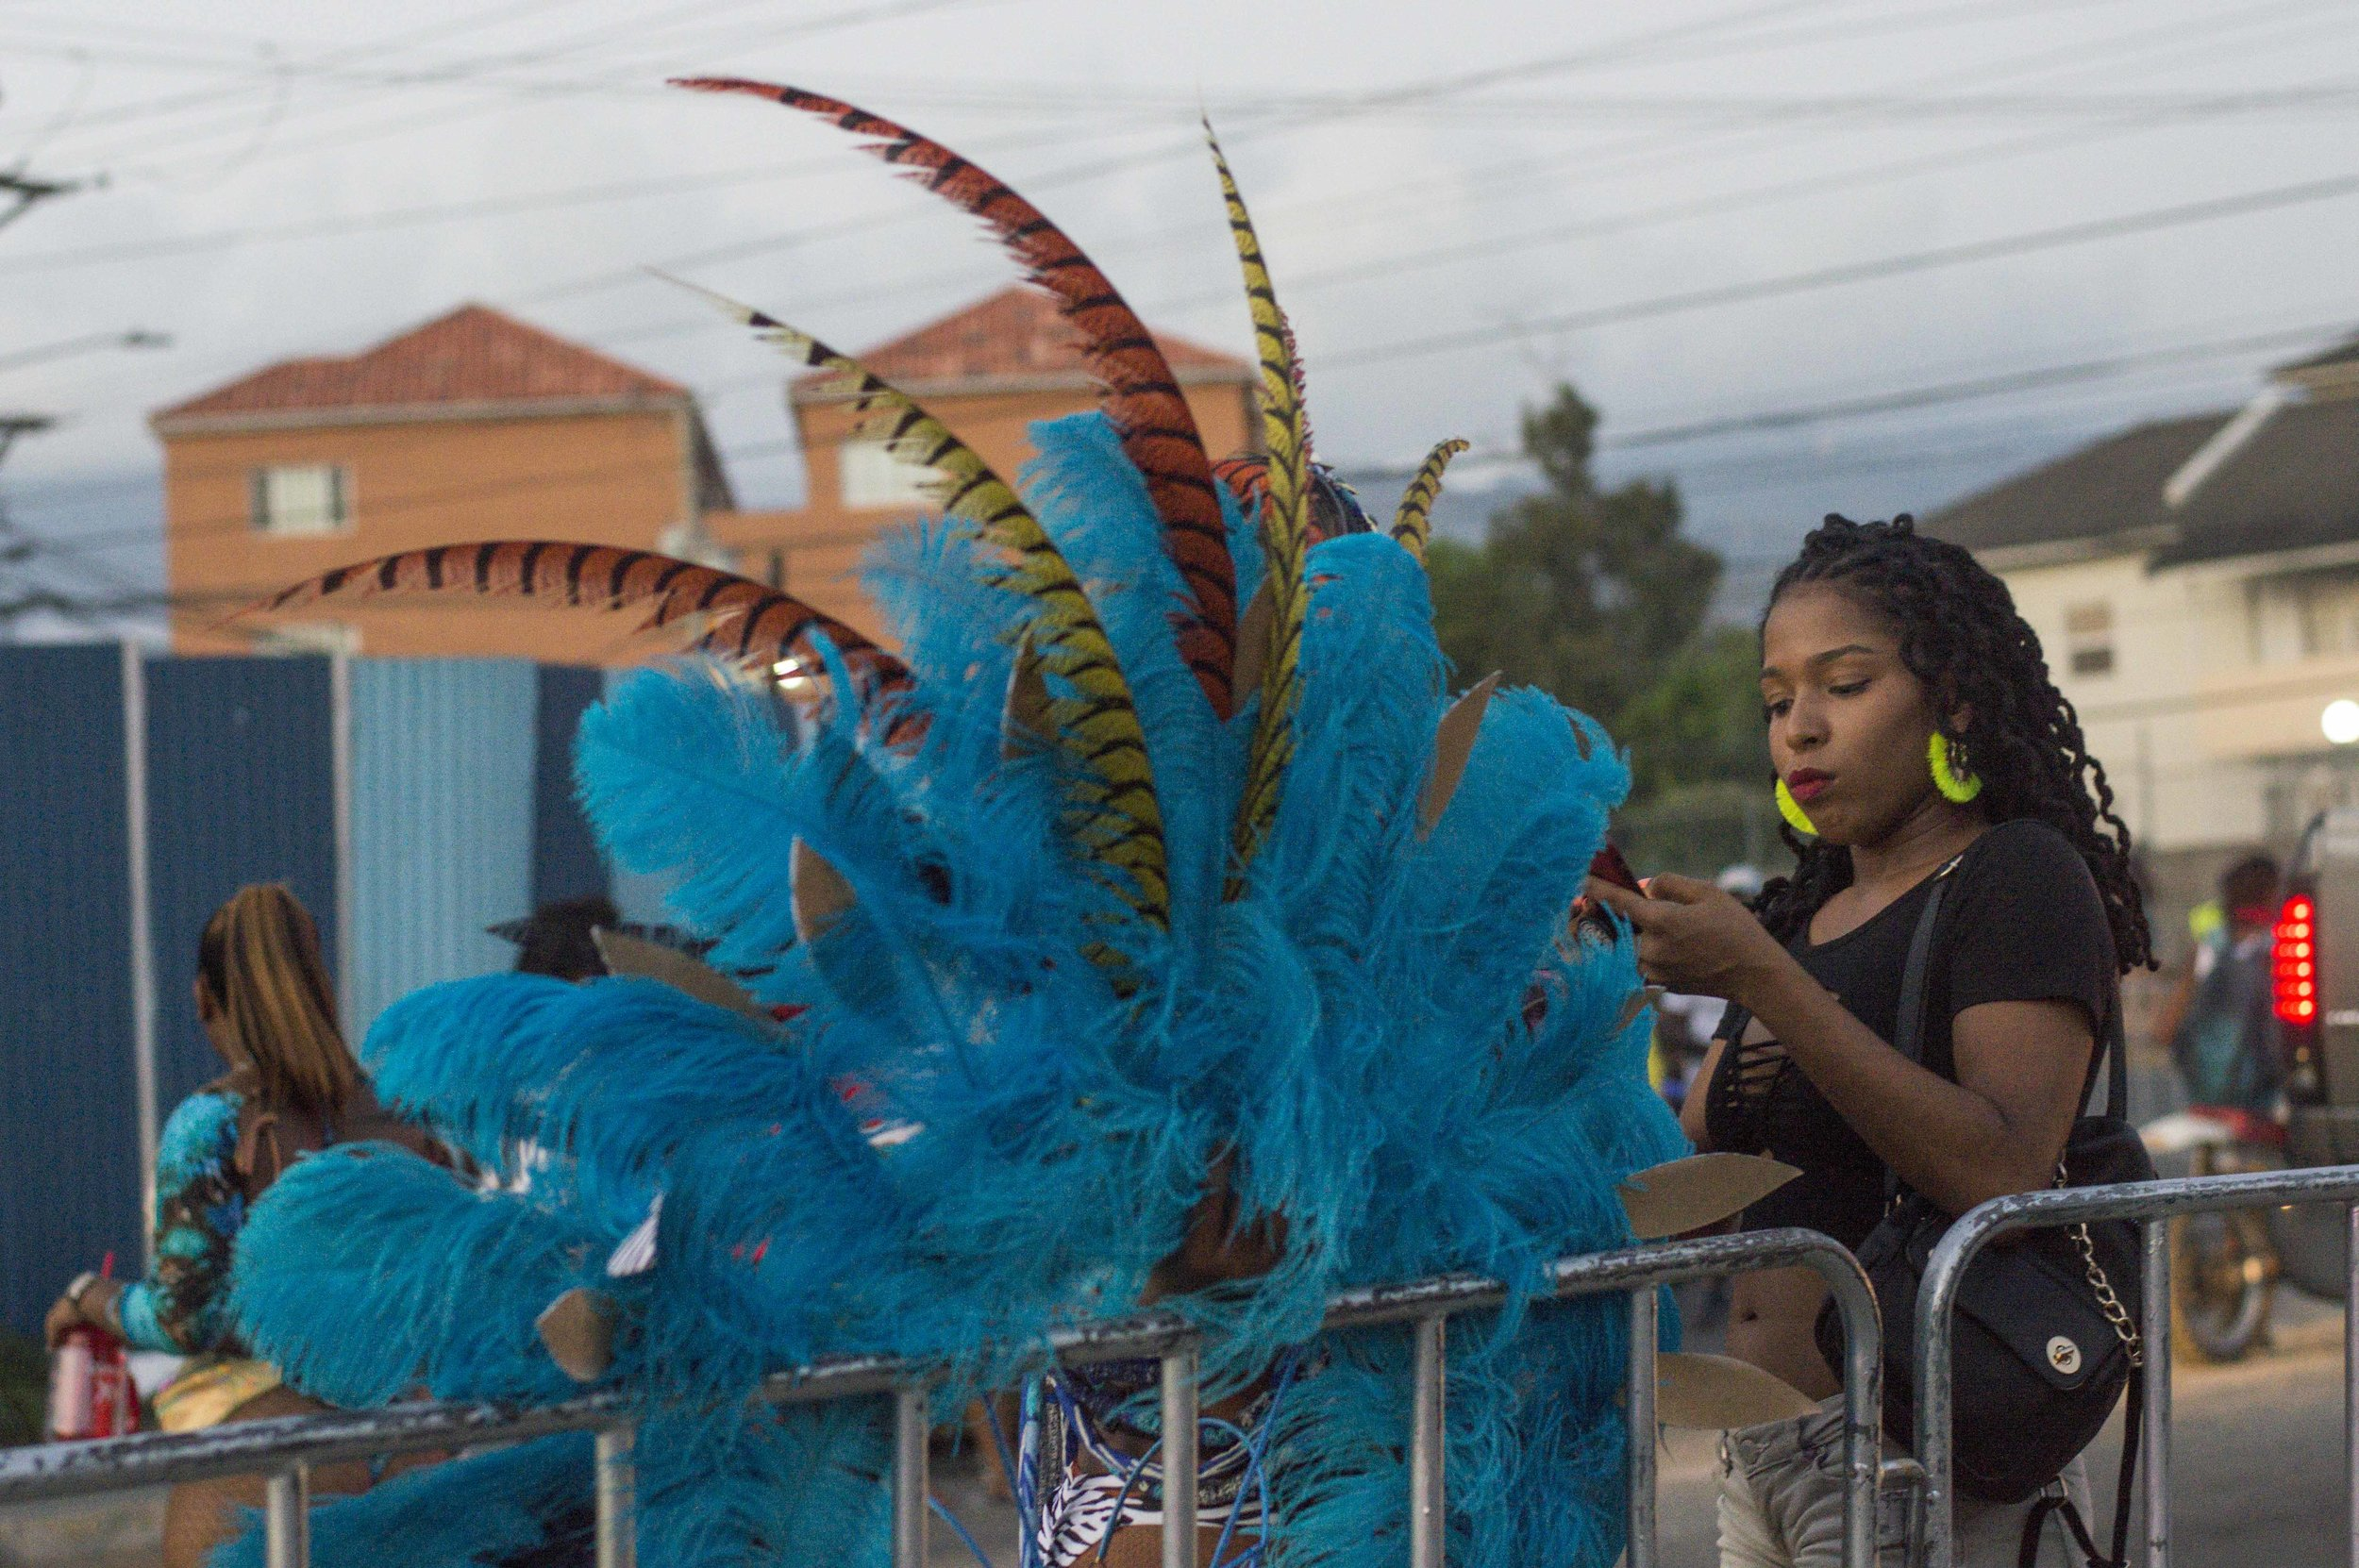 carnival2019_jeanalindo-112.jpg